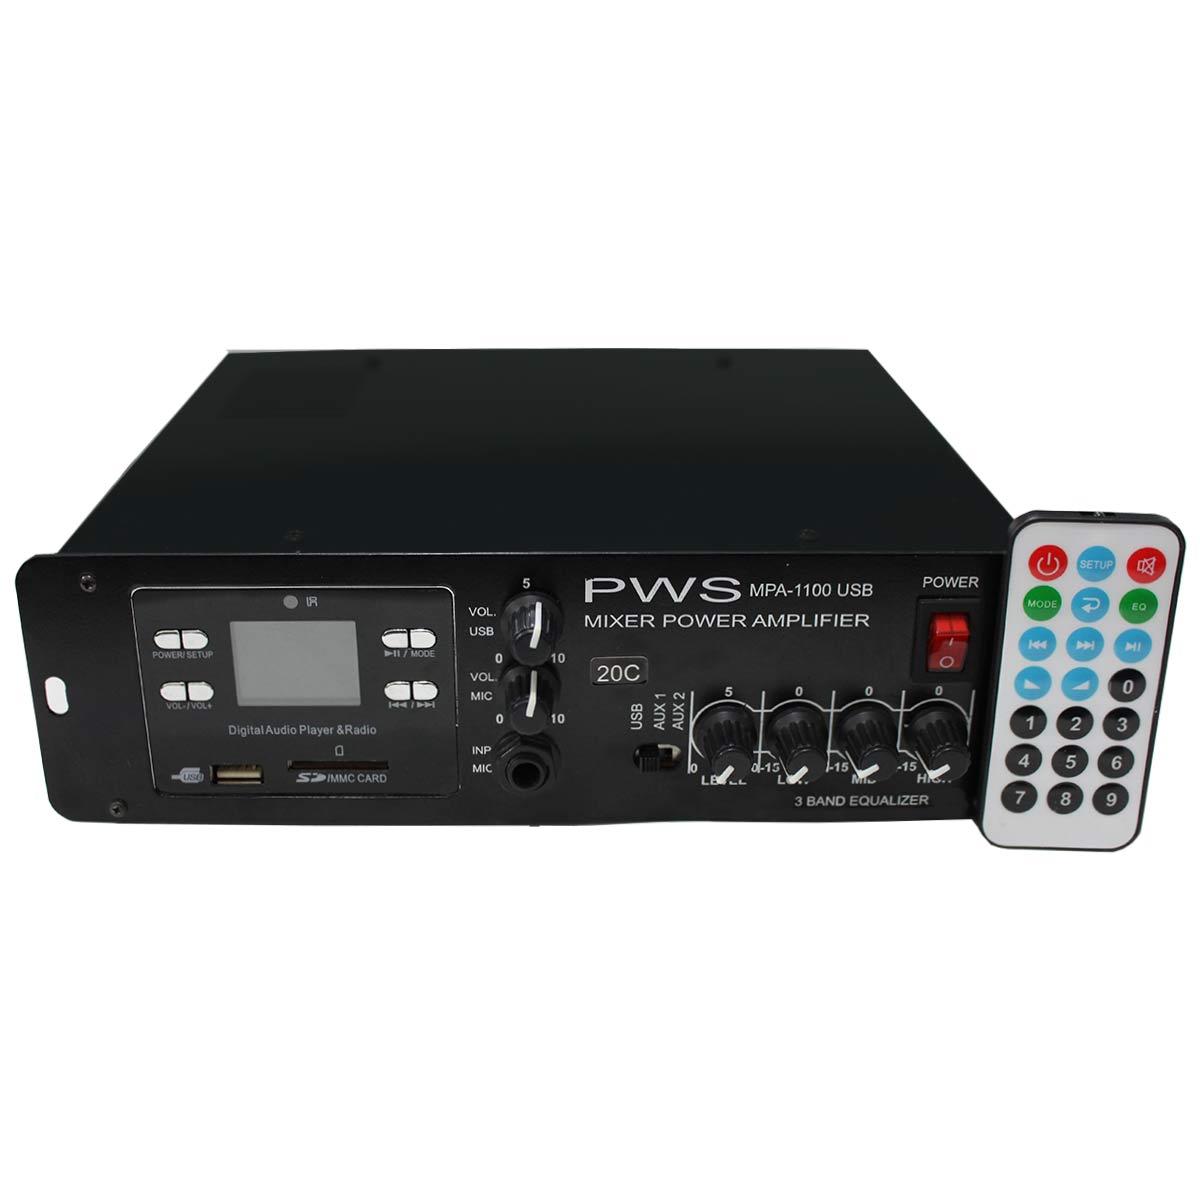 MPA1100USB20C - Amplificador Som Ambiente até 20 Caixas 100W MPA 1100 USB 20C - PWS